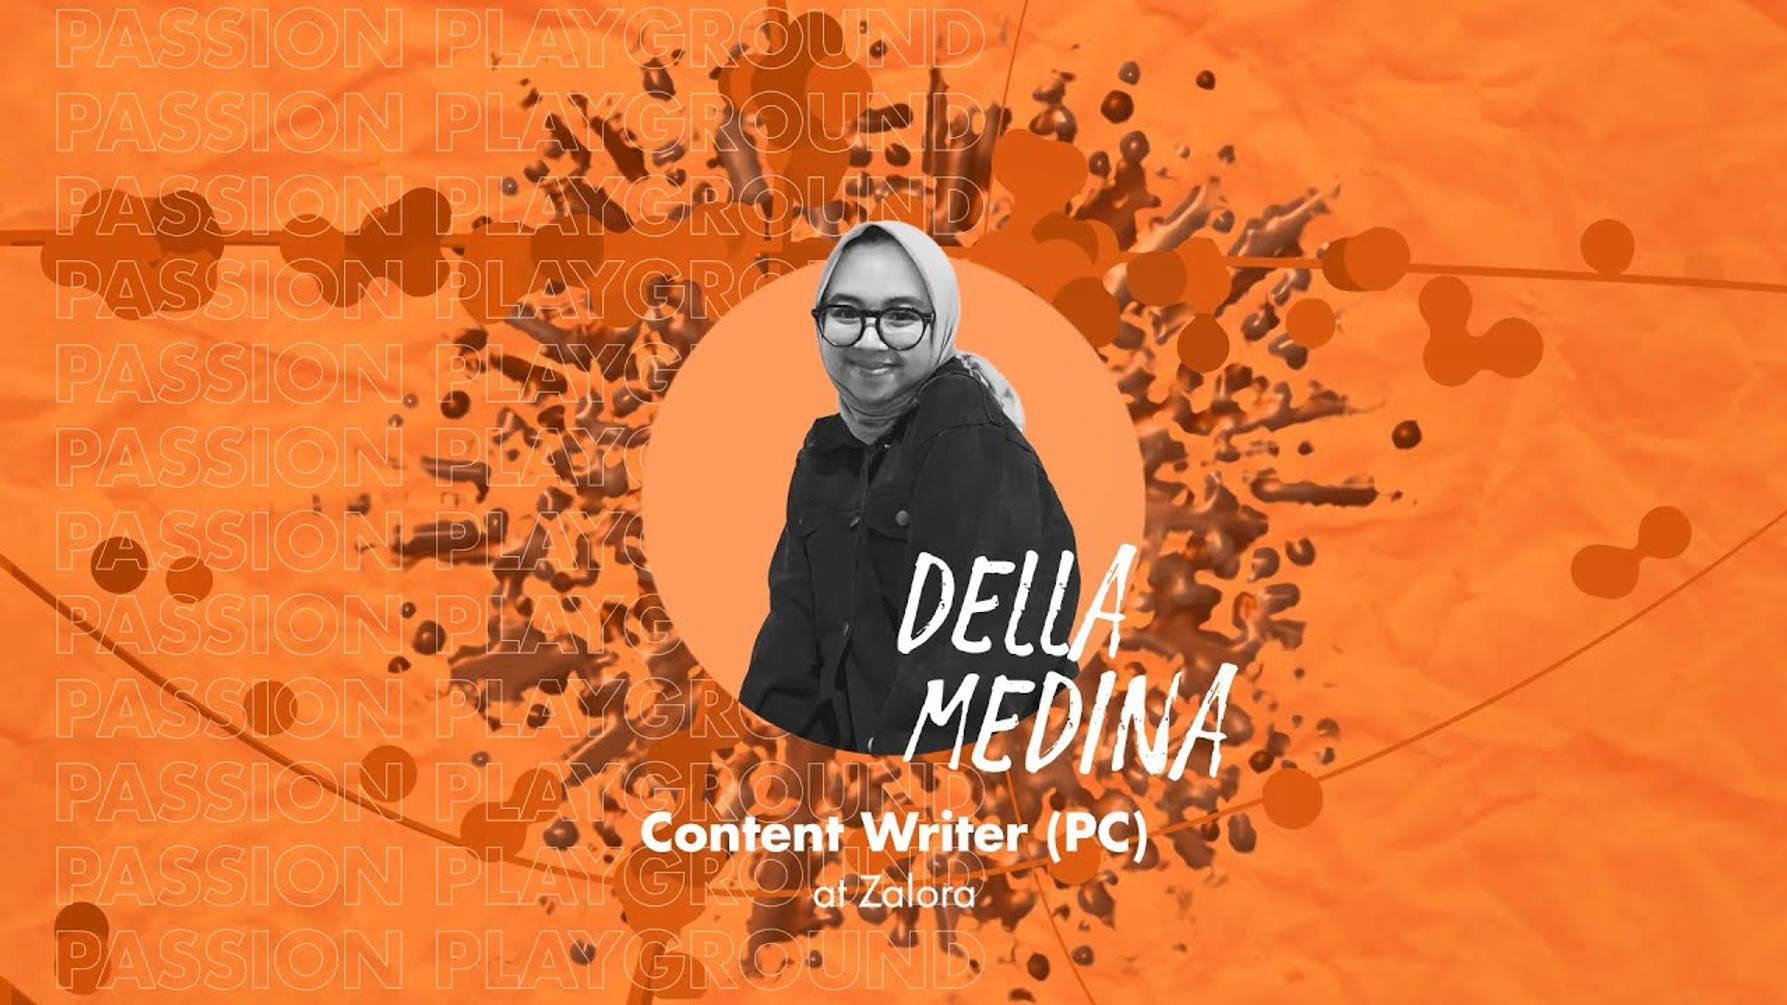 Content Writer (PC) with Della Medina